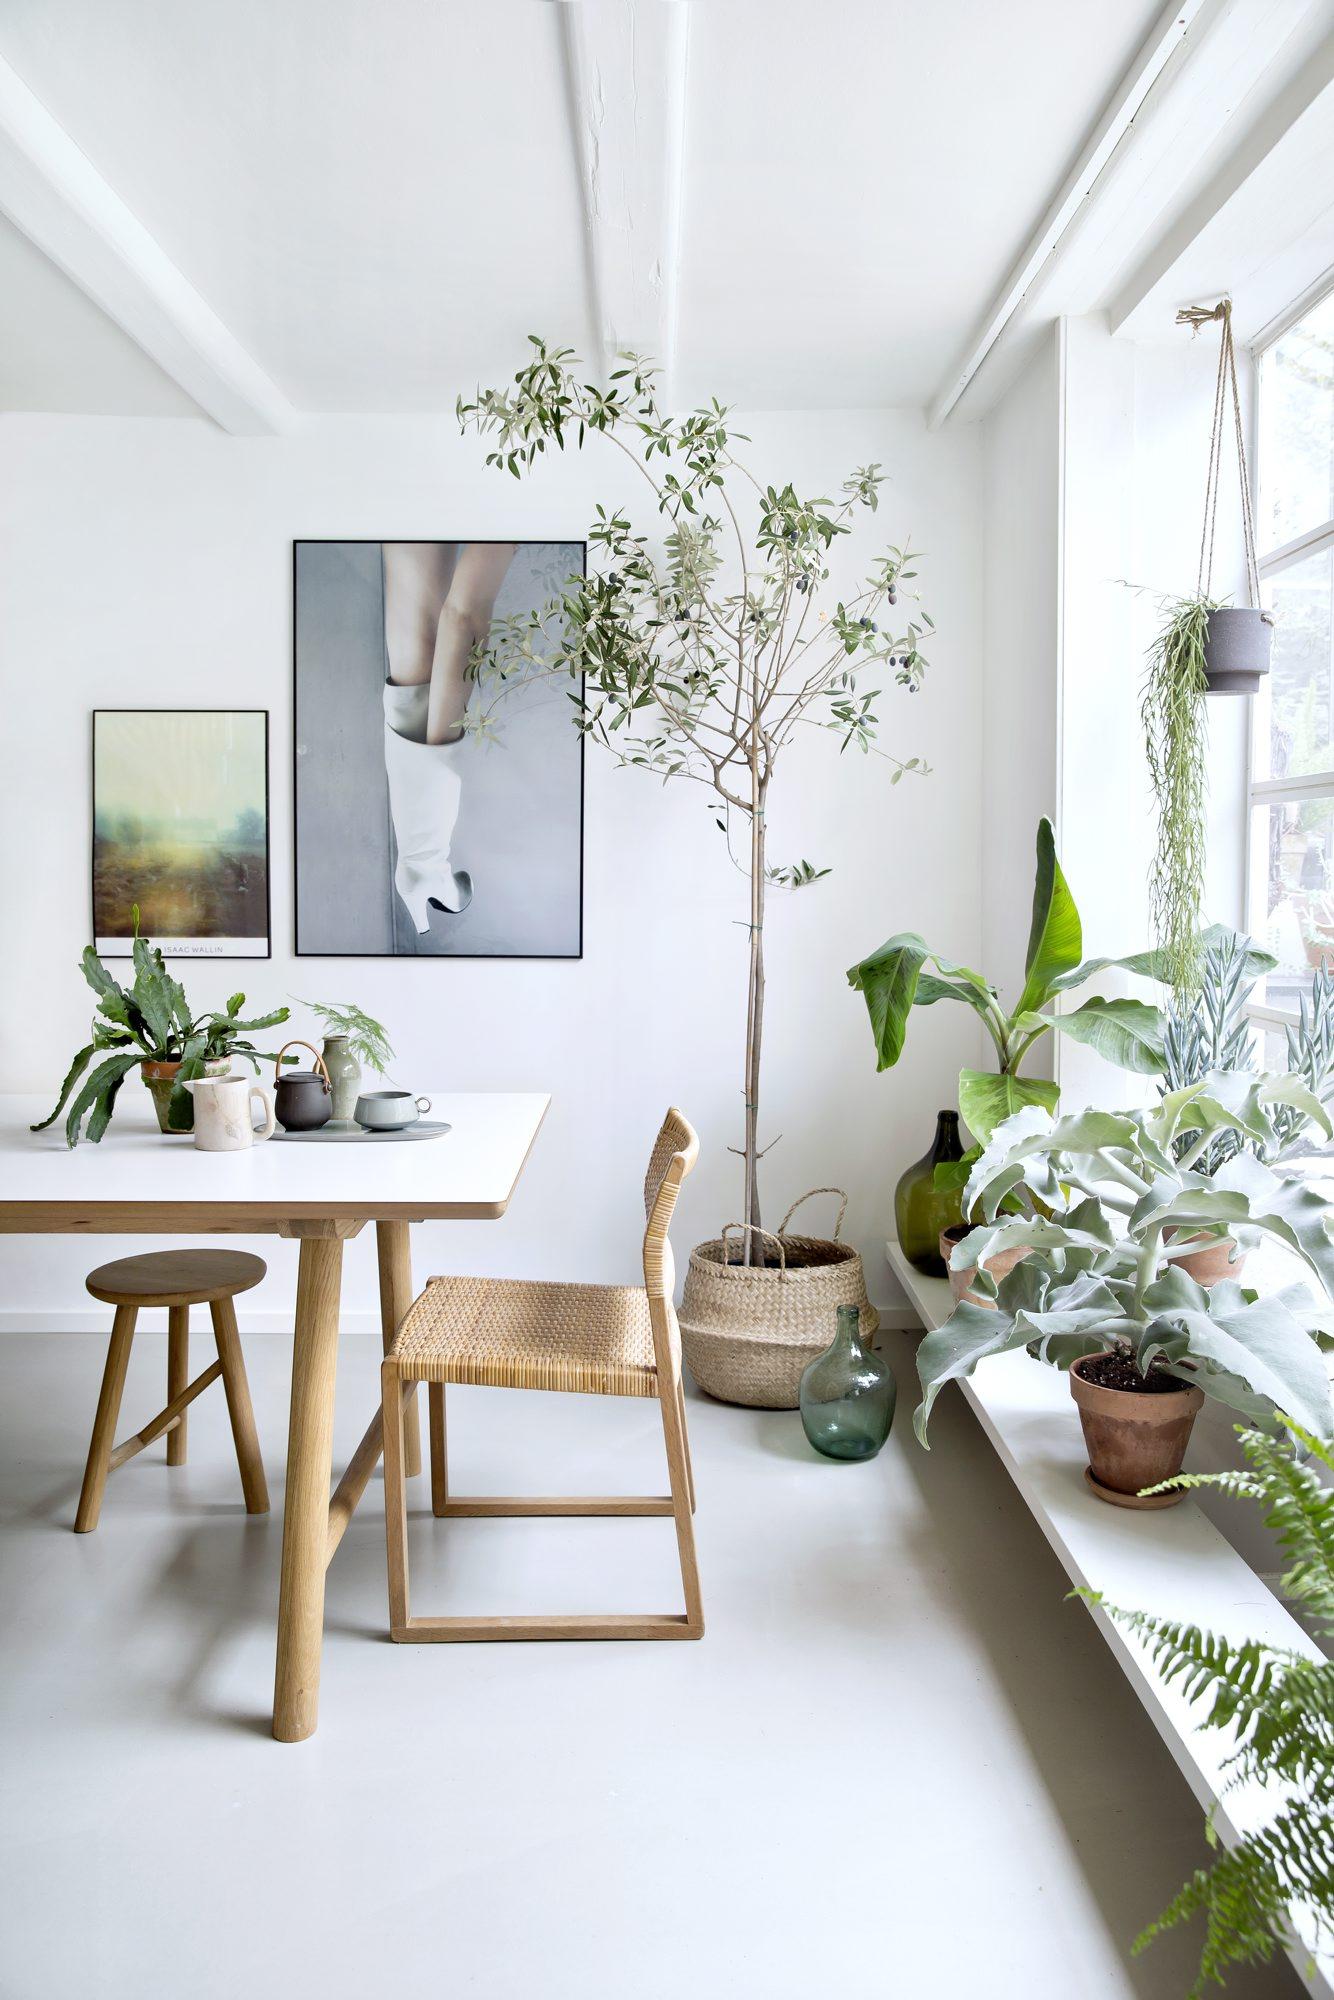 Bomedplanter1-1.jpg